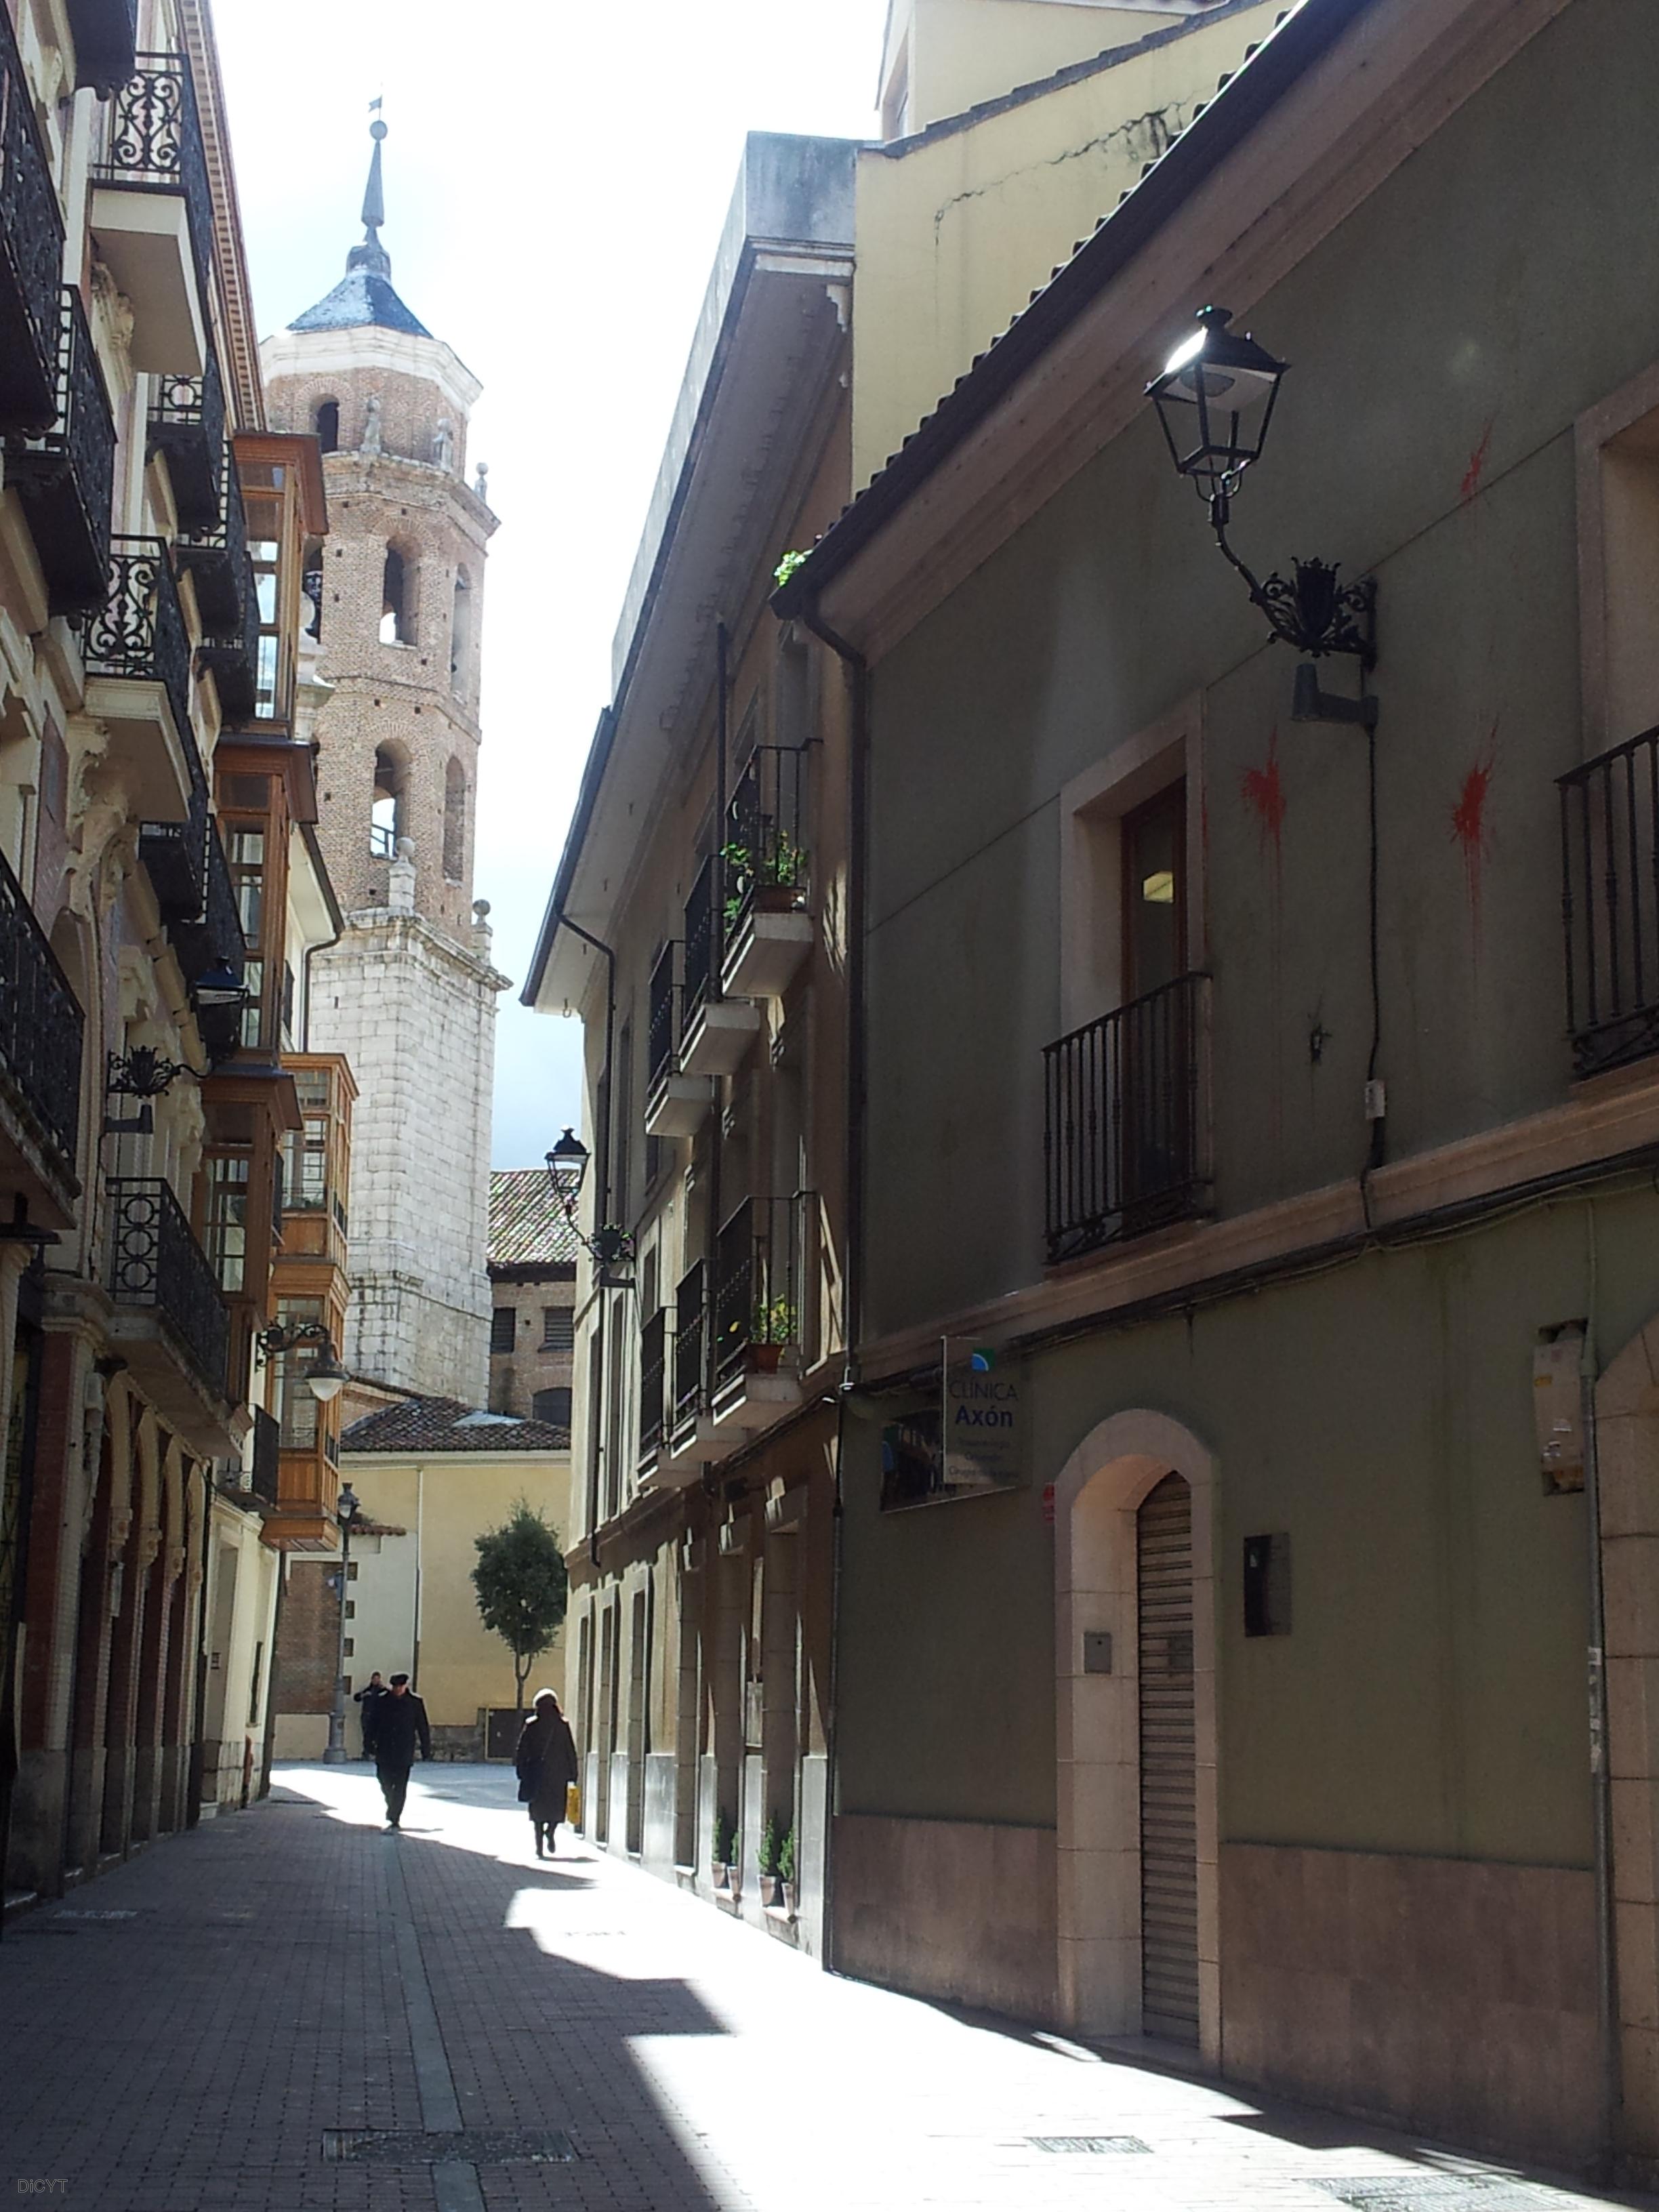 Calle castelar en valladolid donde se han instalado for Calle castelar